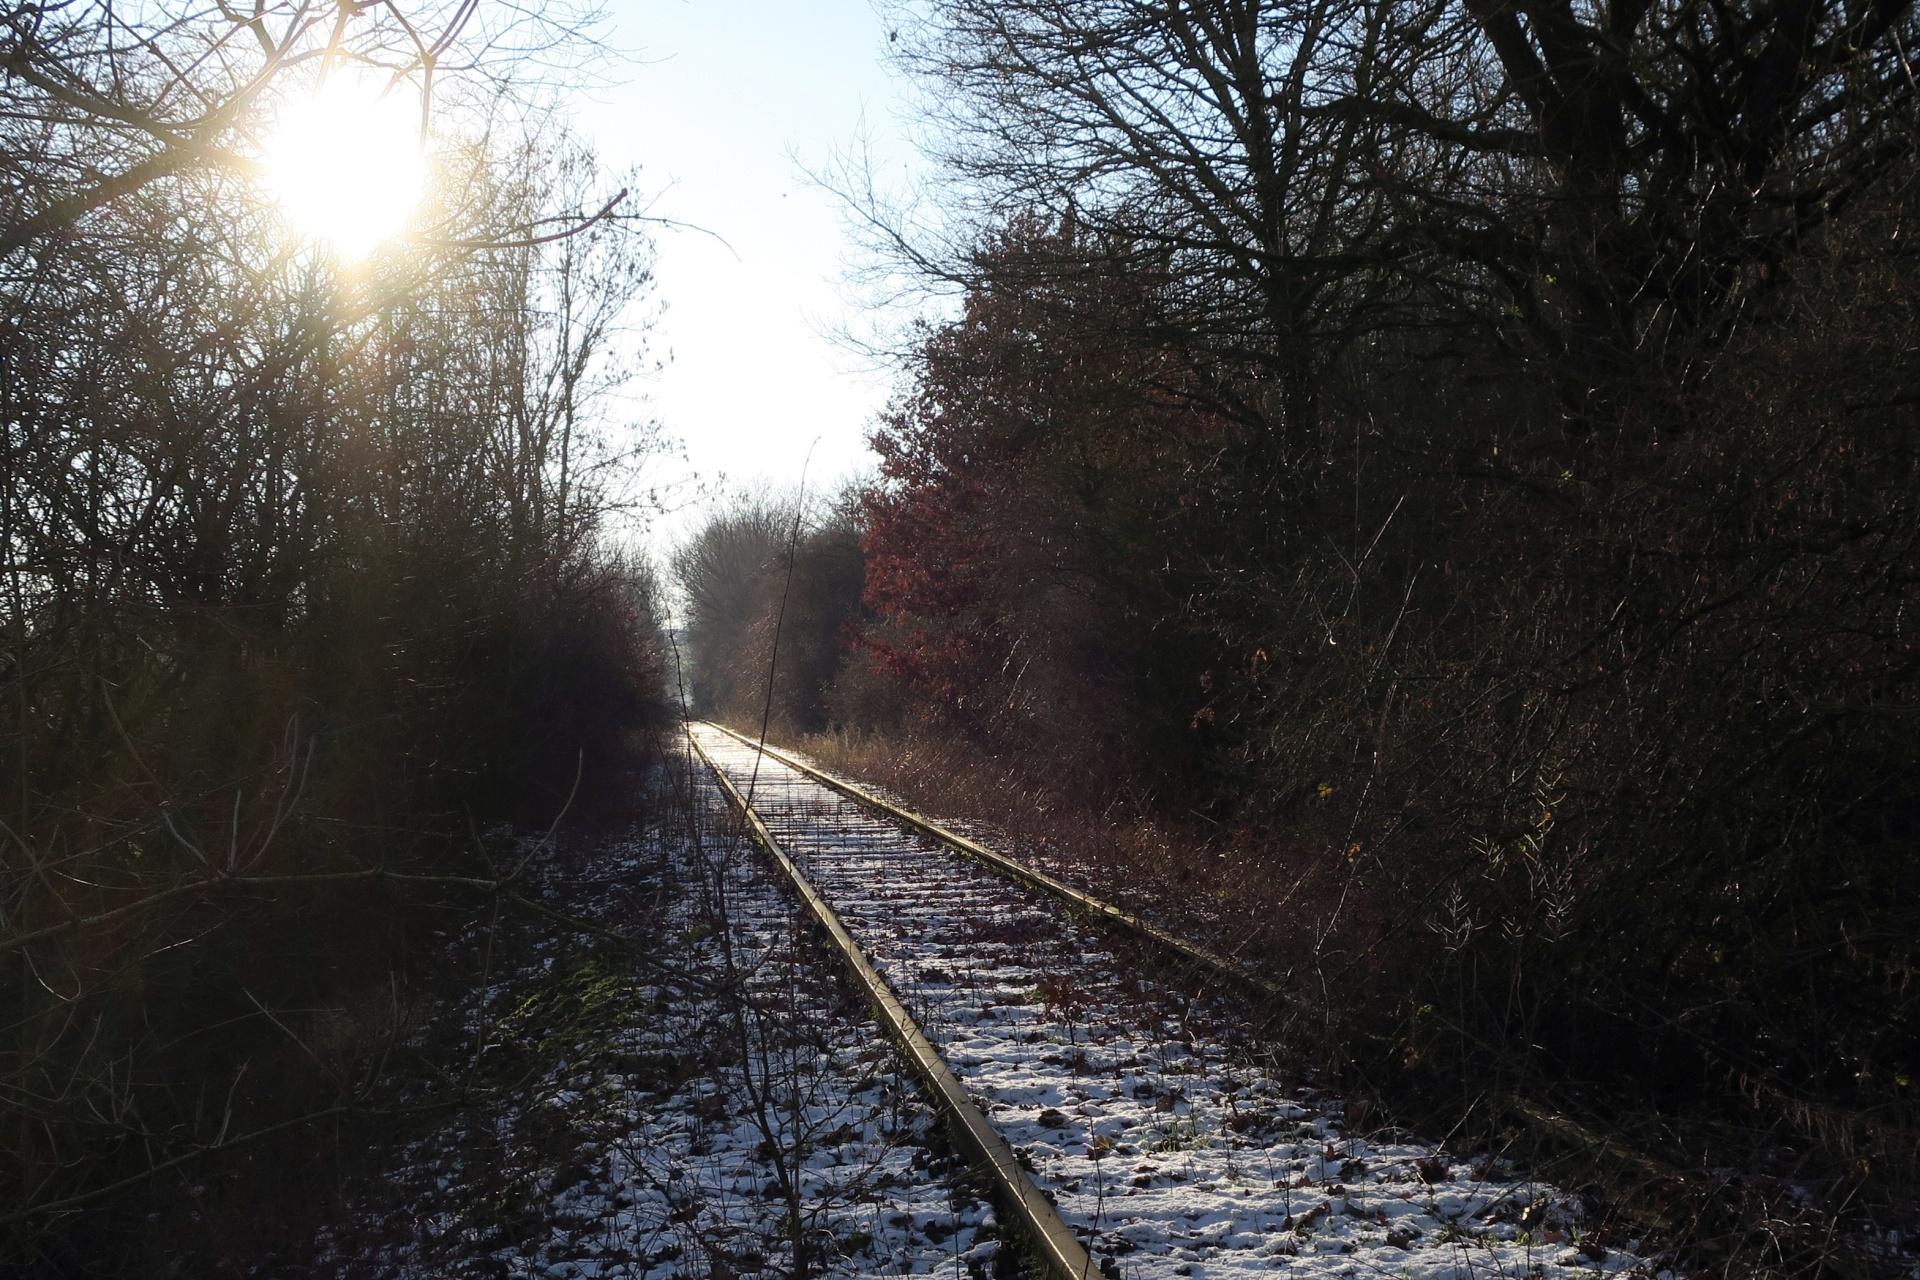 Gleisstrang südlich von Büren im winterlichen Sonnenlicht. Hier fuhren lange die Züge des Waldbahnvereins.